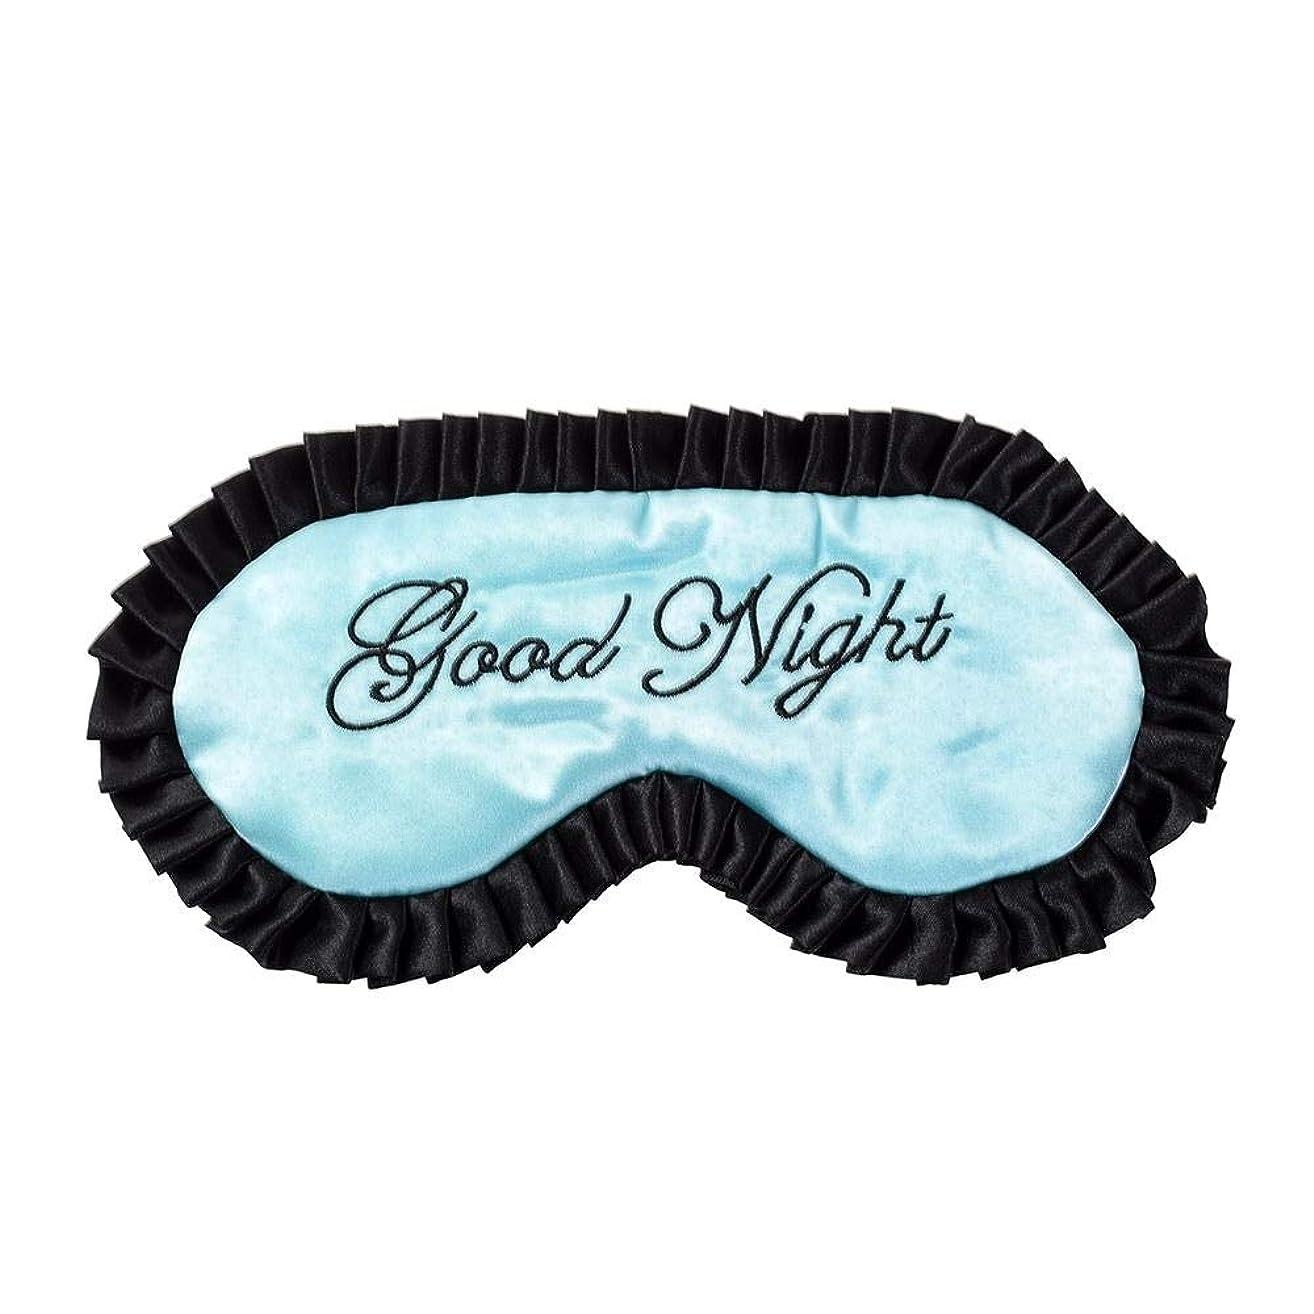 週末花瓶行列NOTE 1ピース新しい快適な模造シルクサテンワード睡眠マスクアイカバーパーソナライズされた旅行睡眠マスクドロップシッピング